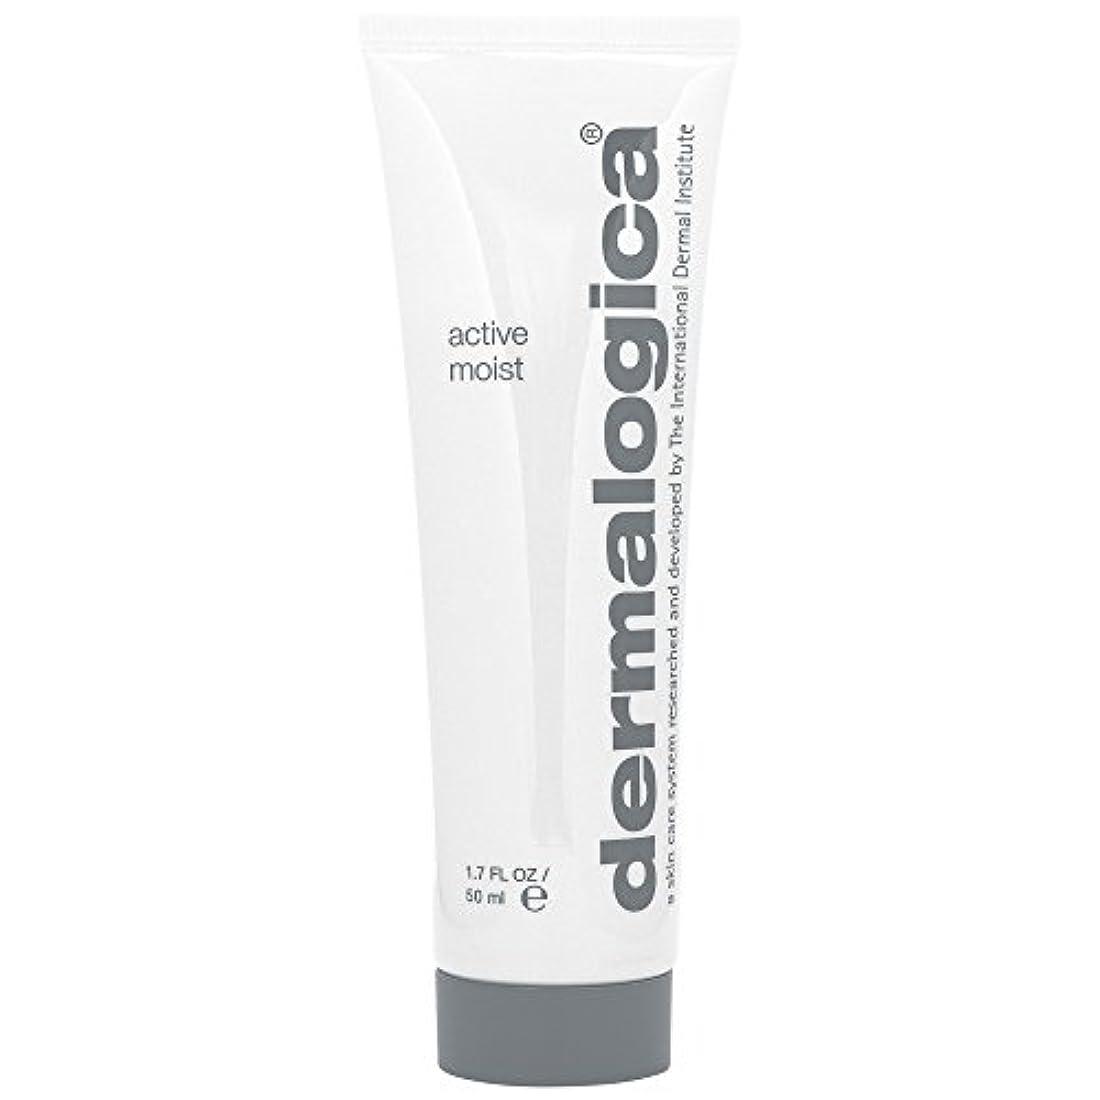 砂利余計な夢ダーマロジカアクティブ湿った顔の保湿剤の50ミリリットル (Dermalogica) (x2) - Dermalogica Active Moist Facial Moisturiser 50ml (Pack of 2)...